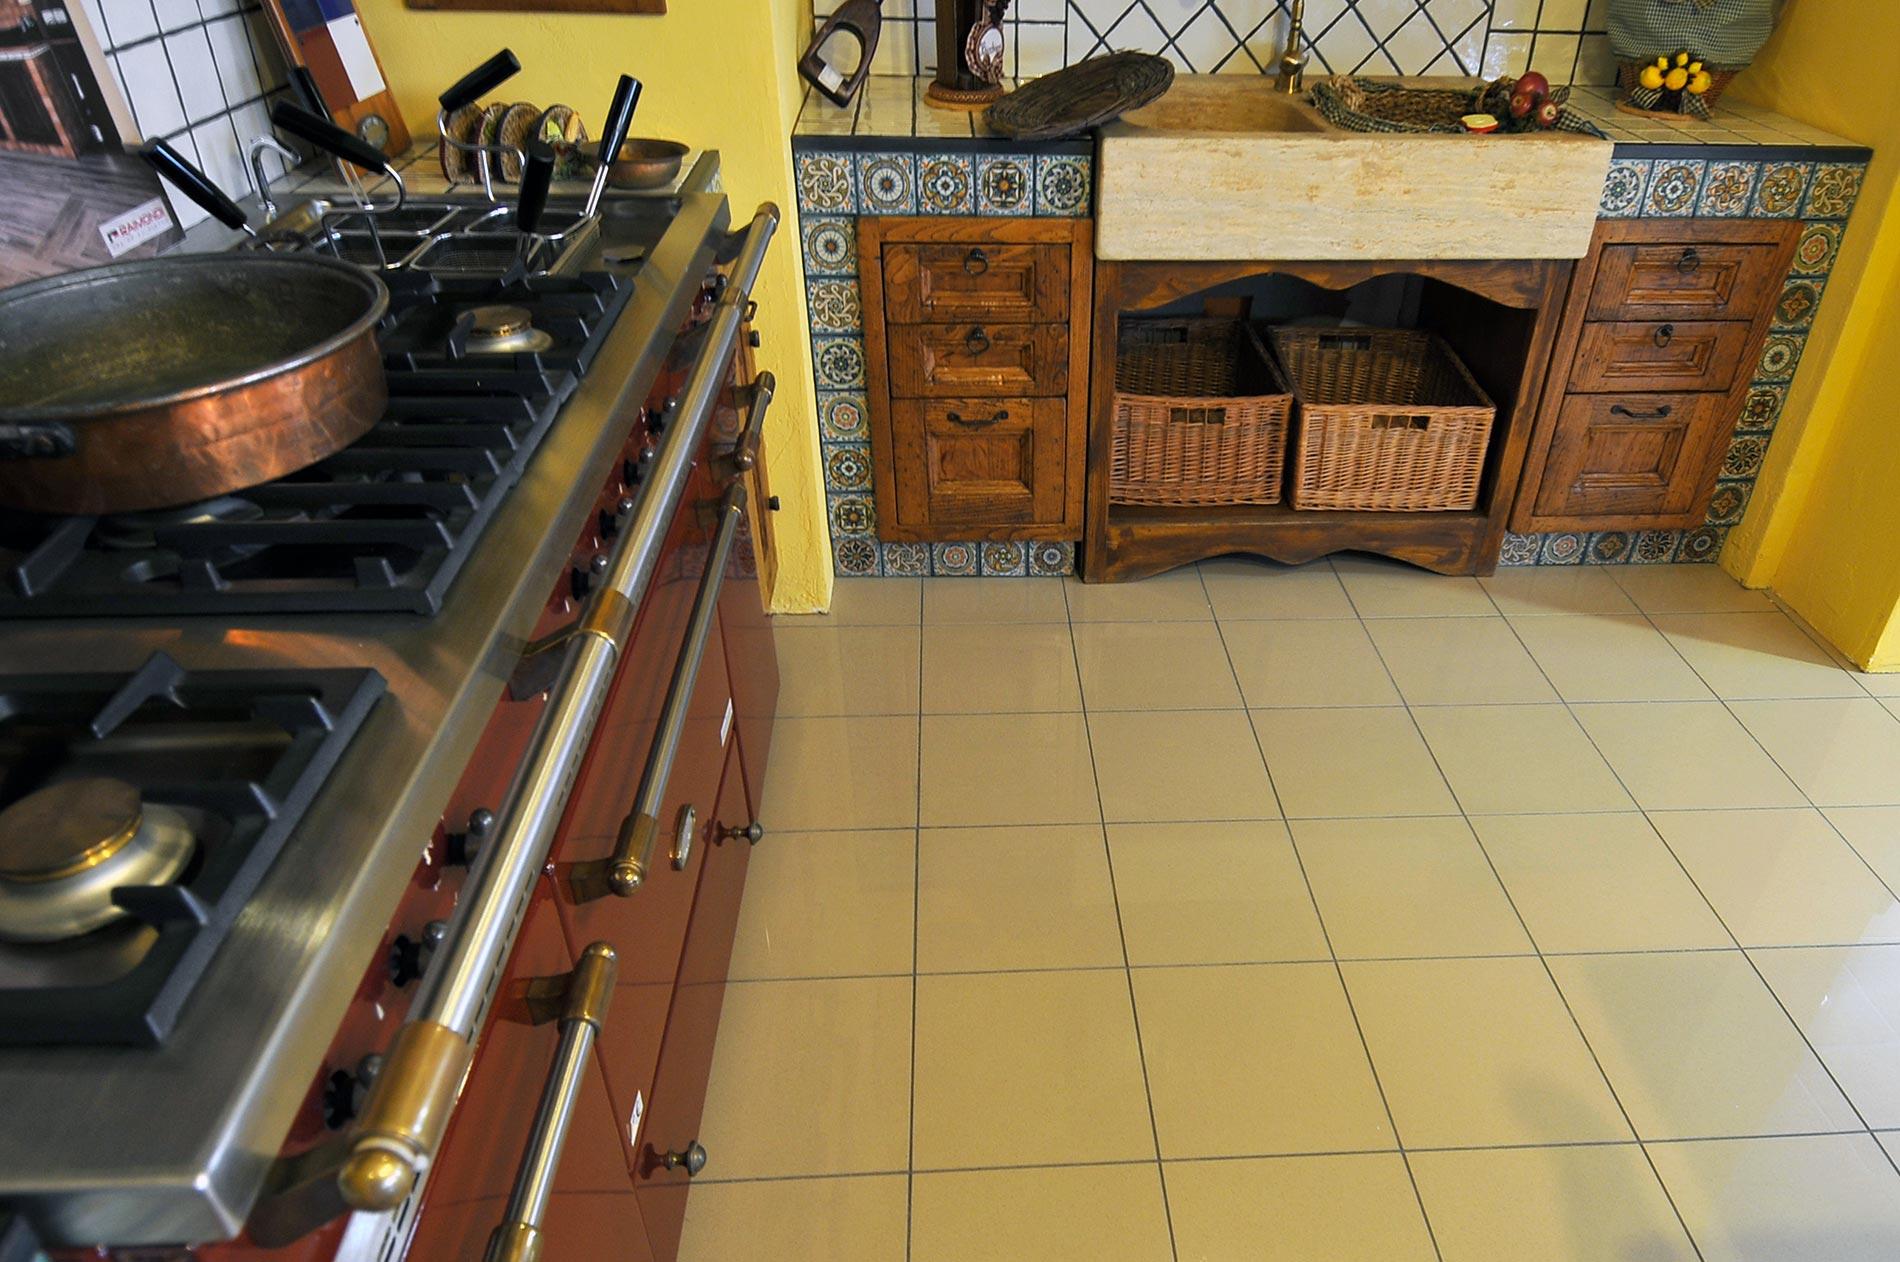 Piano cottura con vasca friggitrice e lavabo a due vasche, con spaziosi piani di lavori ai lati. Inoltre, nel mobile in muratura sotto il lavabo vi sono incastonati dei cassetti porta oggetti/utensili da cucina.